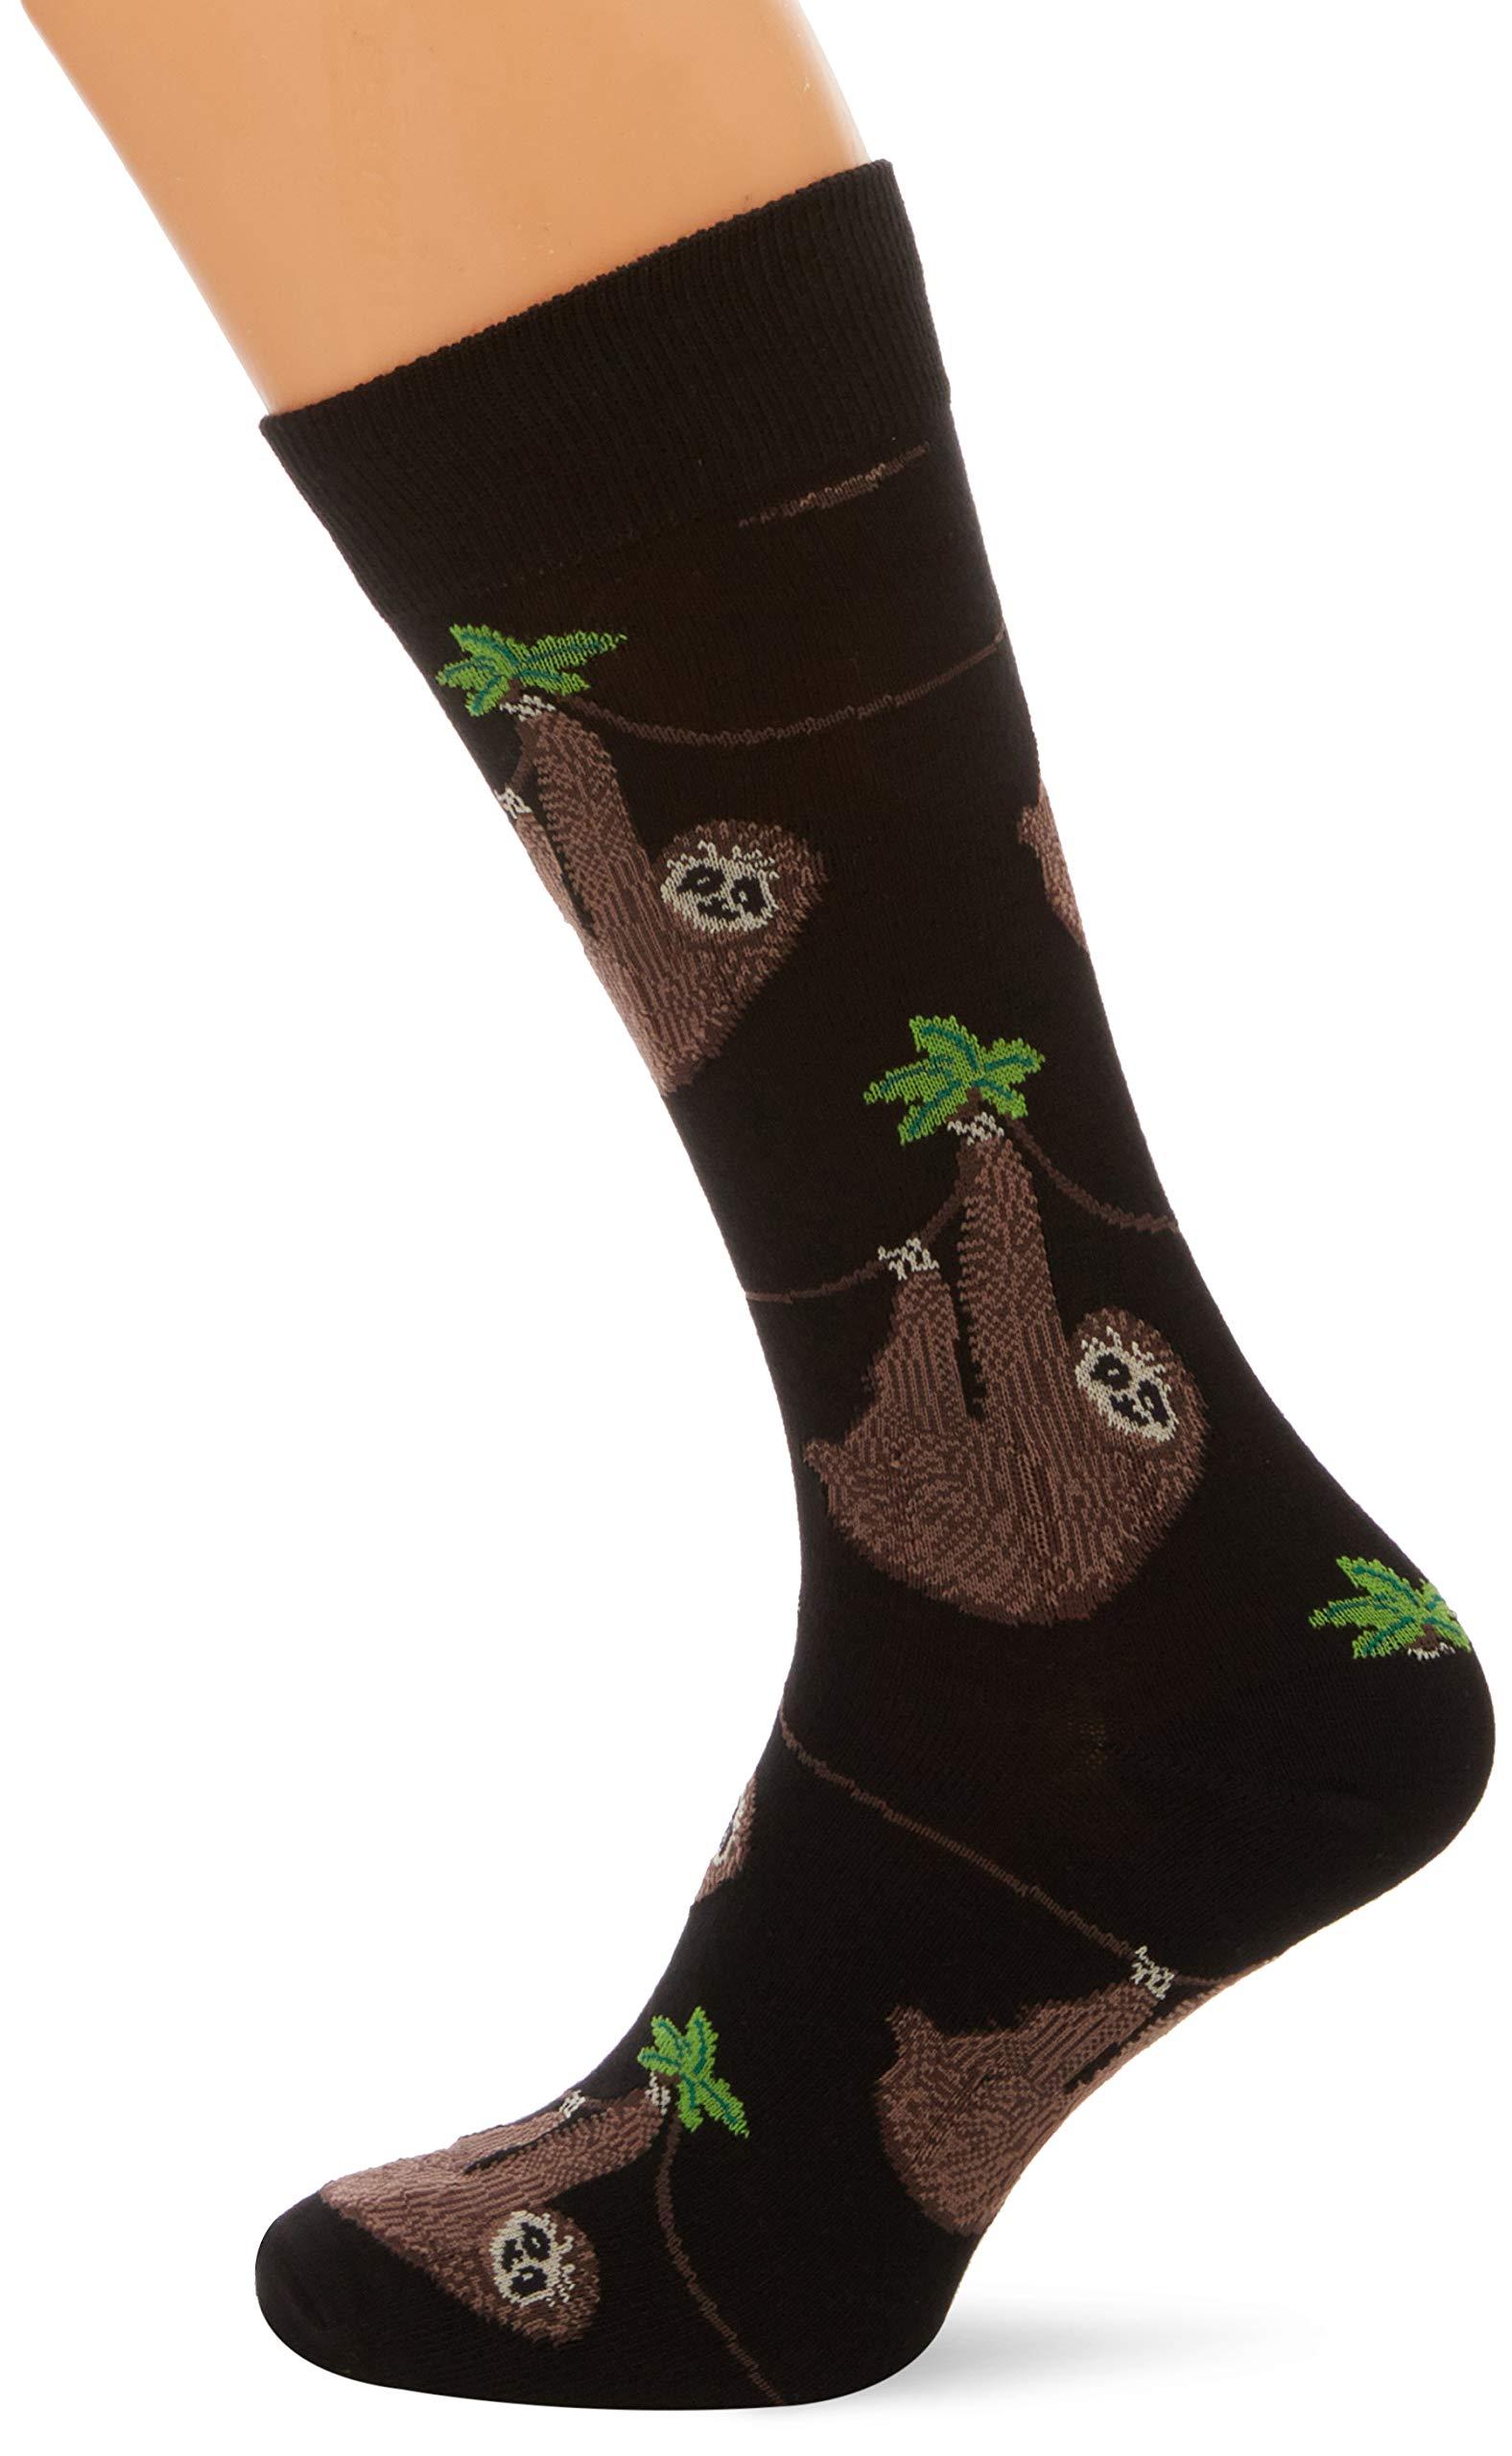 Socksmith Men'S Sloth Crew Socks In Black - Socksmith